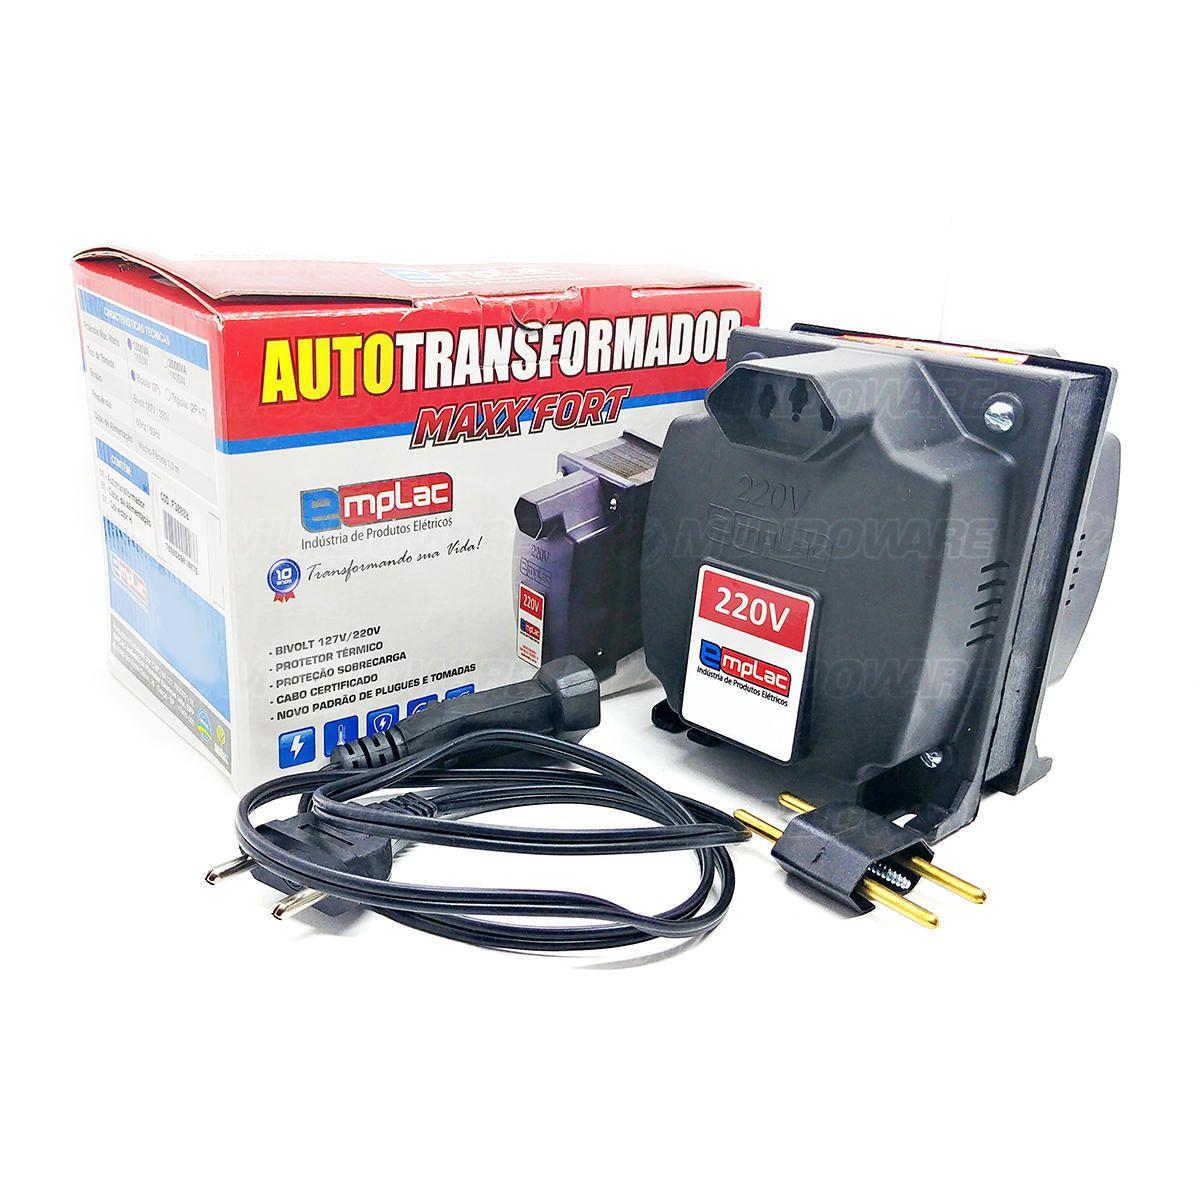 Auto Transformador 1500VA 1050W Bivolt Tomada 10A com Protetor Térmico e Proteção Contra Sobrecarga Emplac F30008